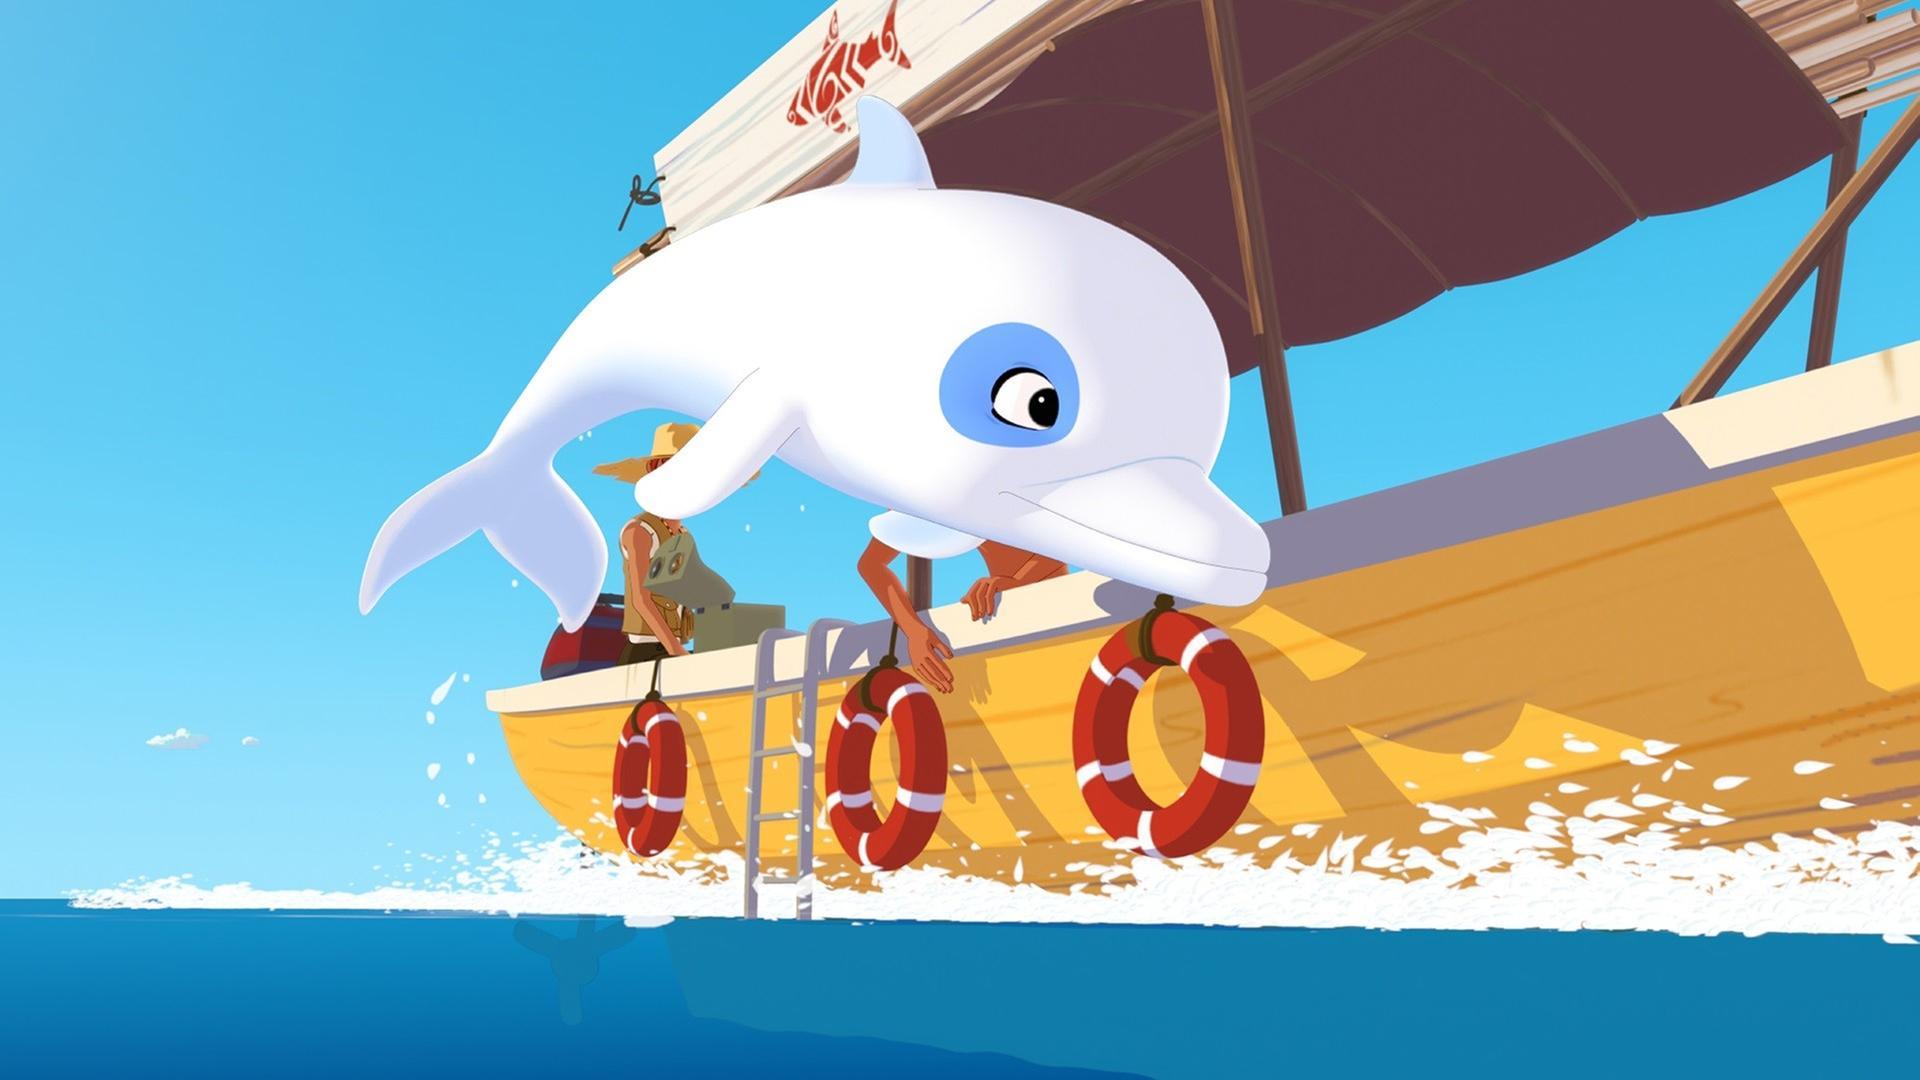 Kika Bildergalerie Zoom Der Weiße Delfin